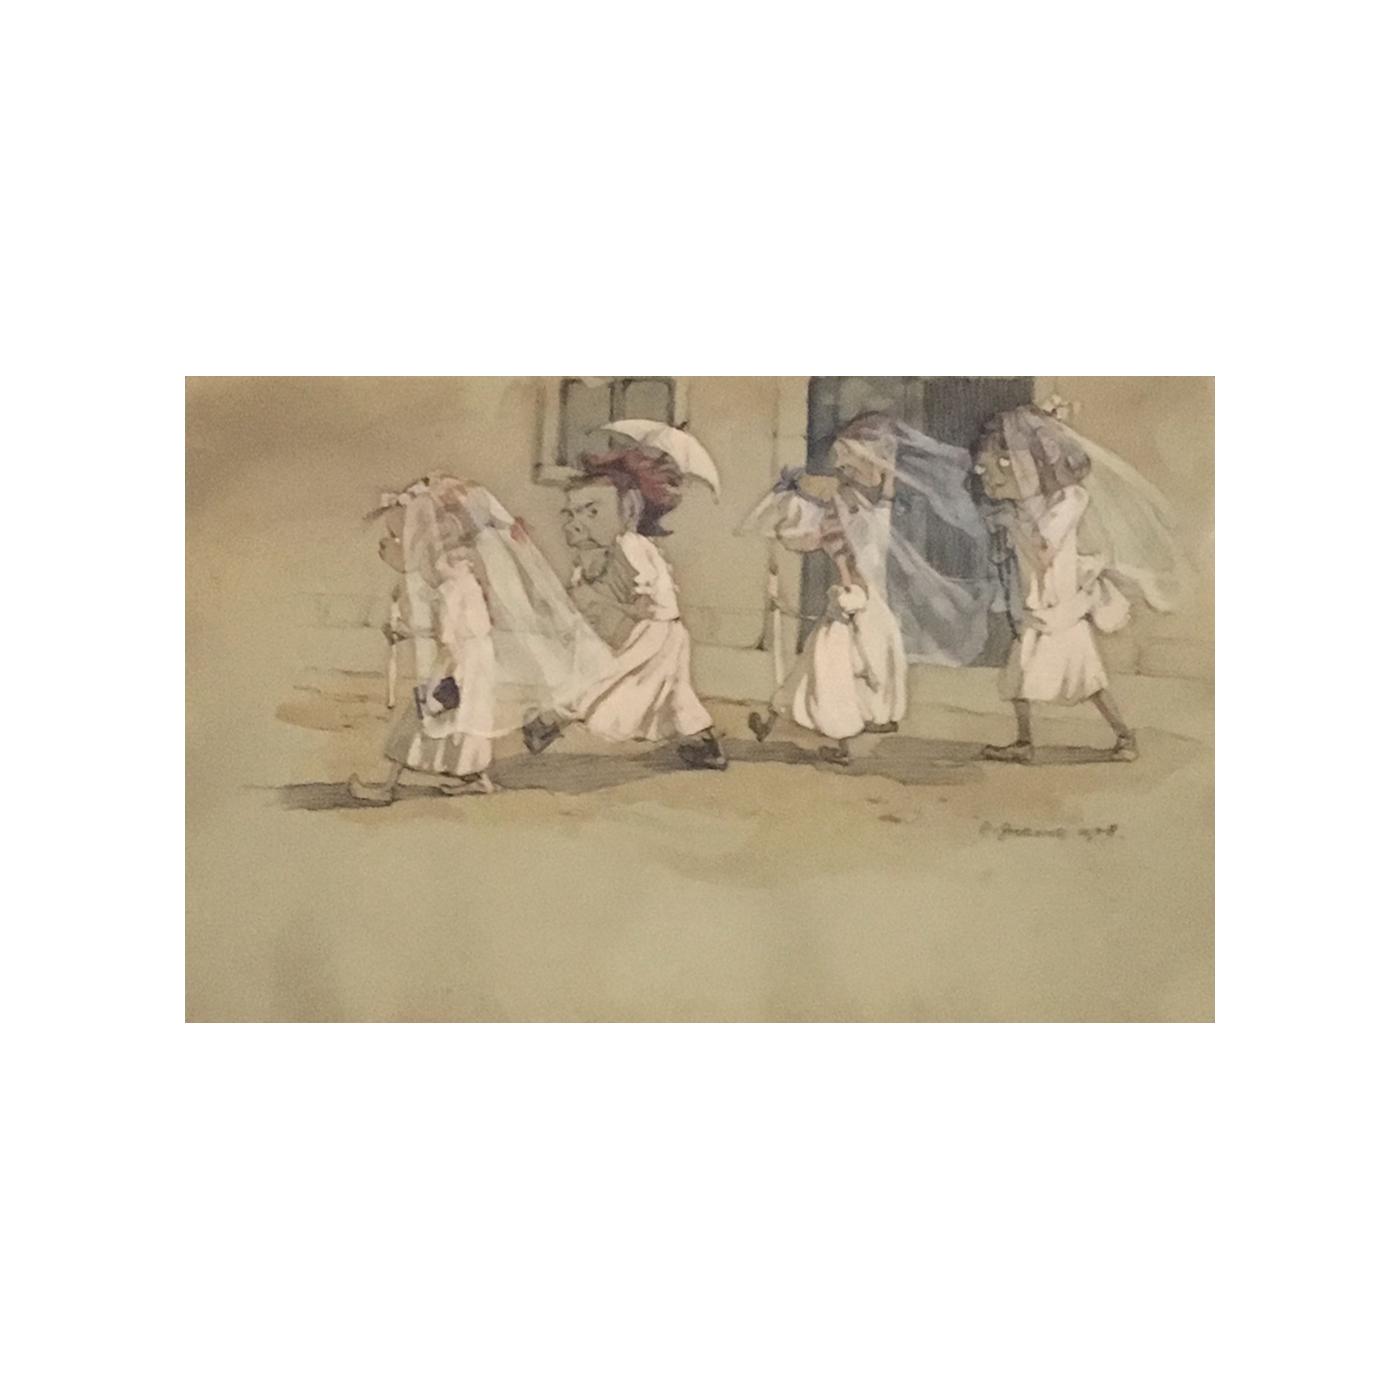 Zoe Borelli Vranski Alacevich de Cinque, Contessa di Crow [1888-1980] Croatian artist Procession of Girls, 1908 Mixed media on paper 12 x 18-1/2 inches Signed at lower right: 'C. Zoe Borelli 1908′.